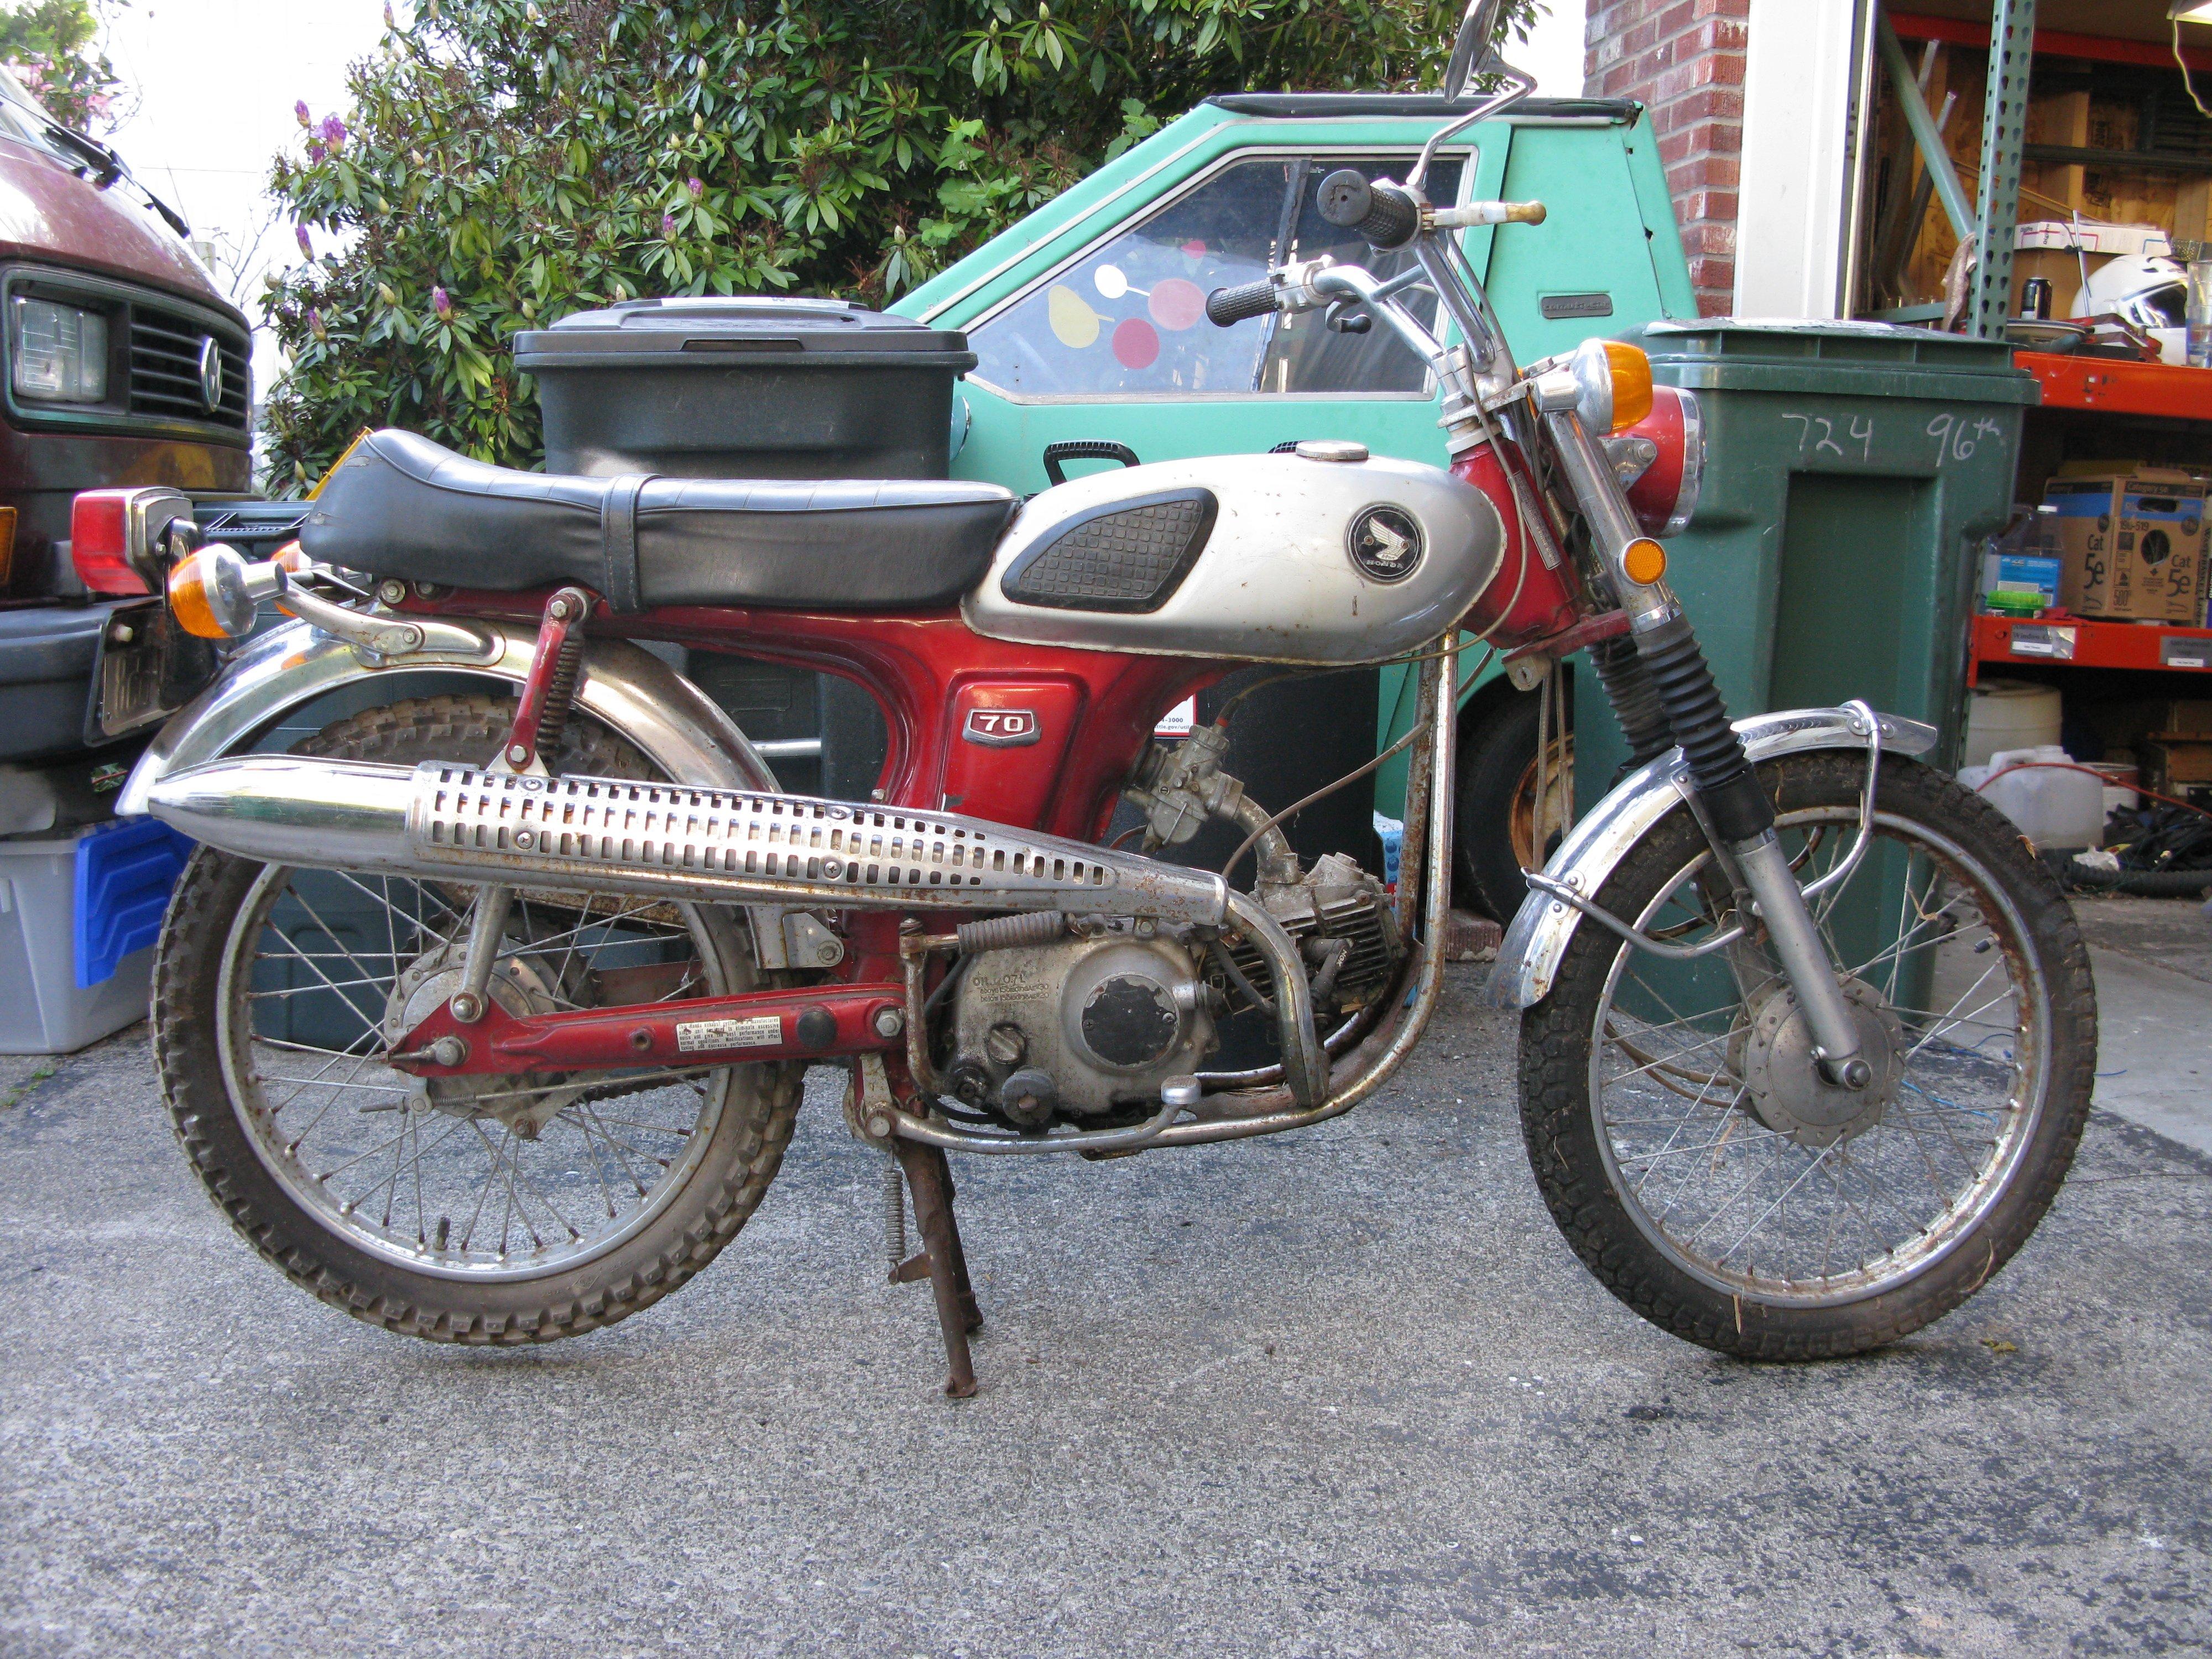 Honda Cl Cafe Racer For Sale